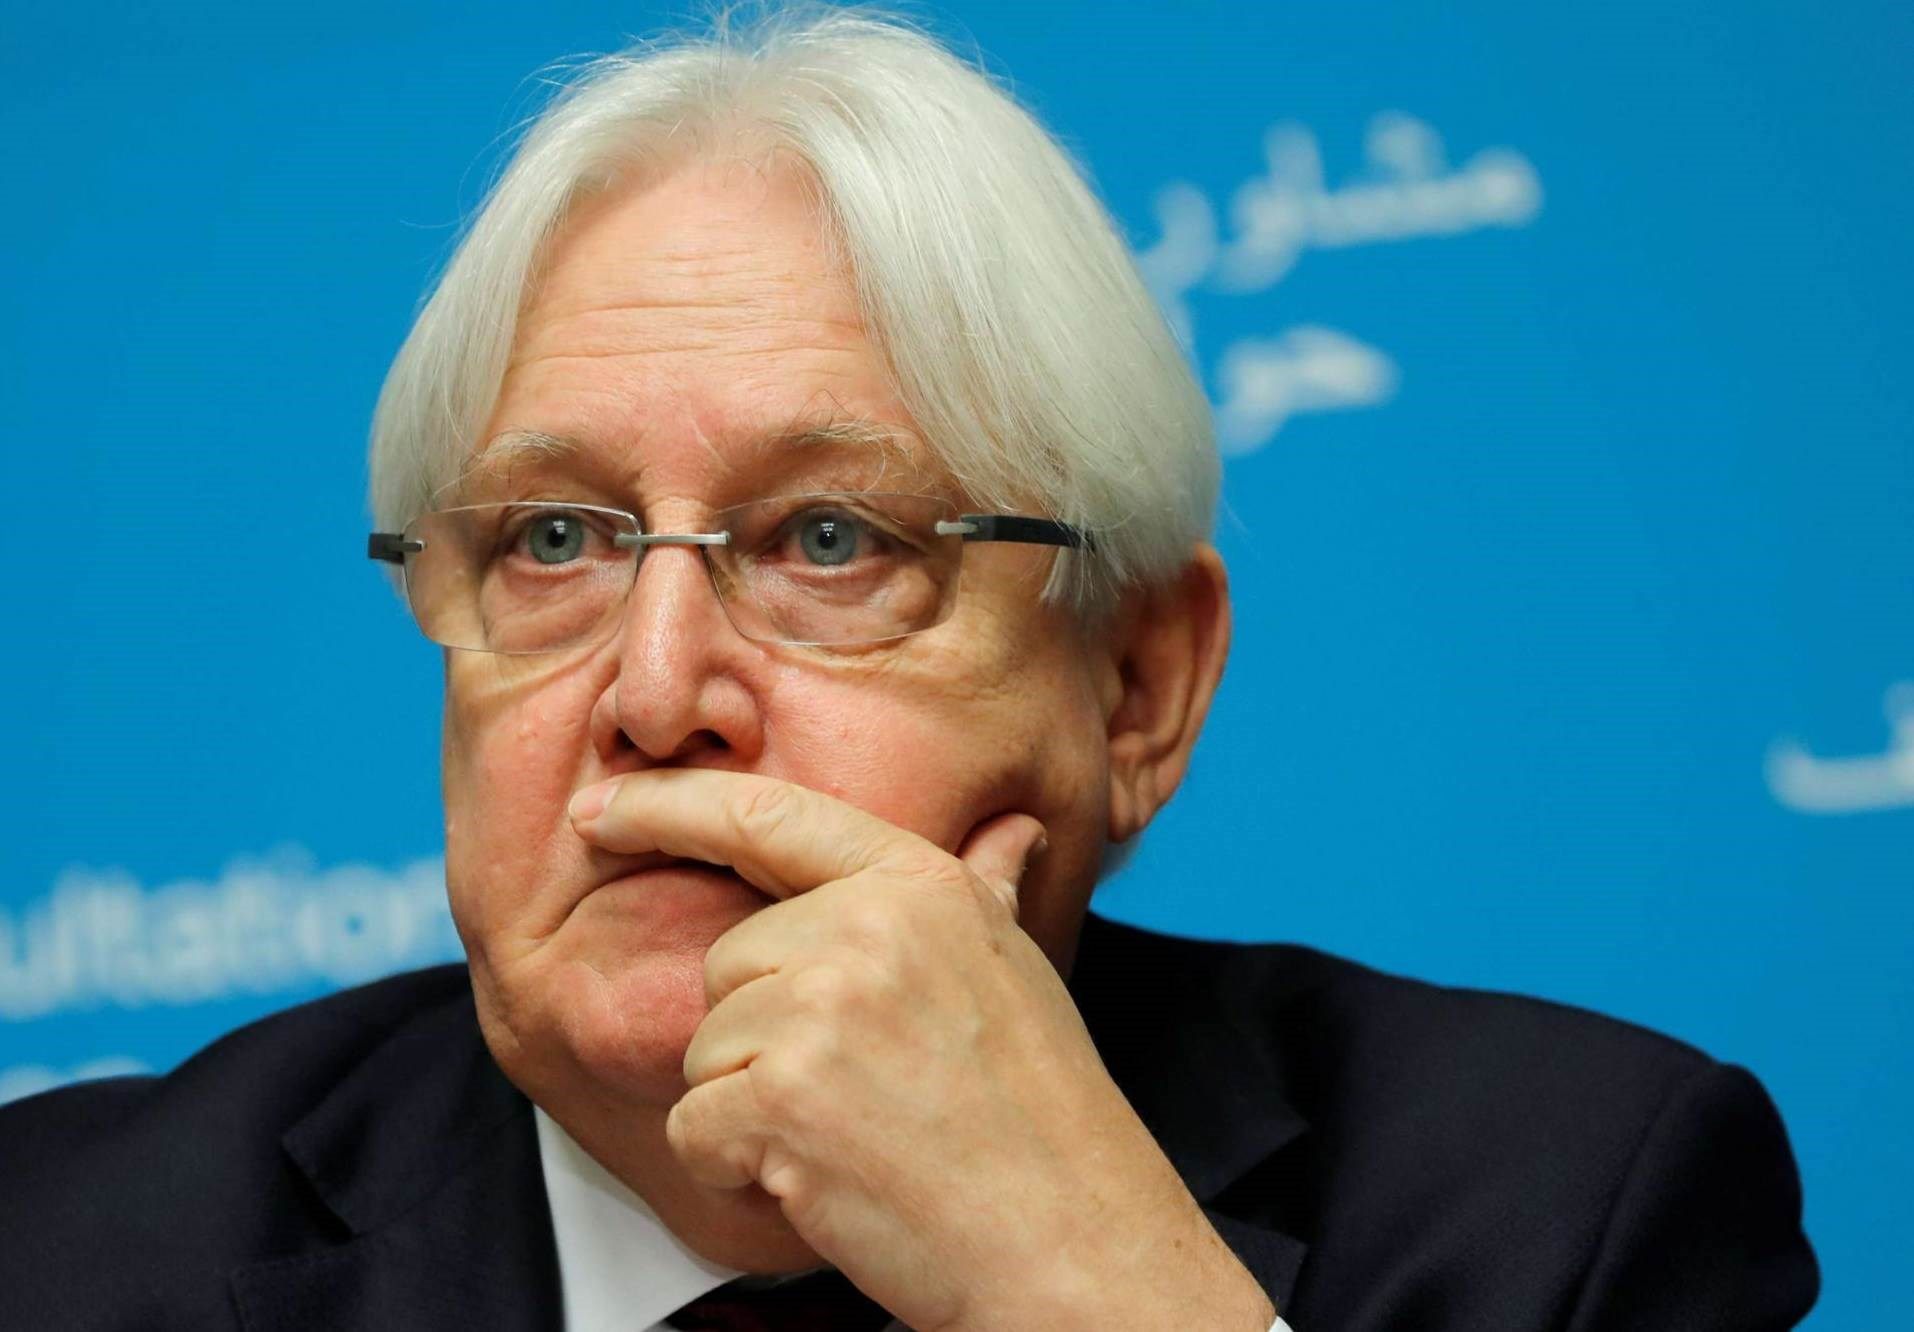 غريفيث مهنئاً اليمنيين بعيد الفطر: يجب البناء على نقاط التقارب